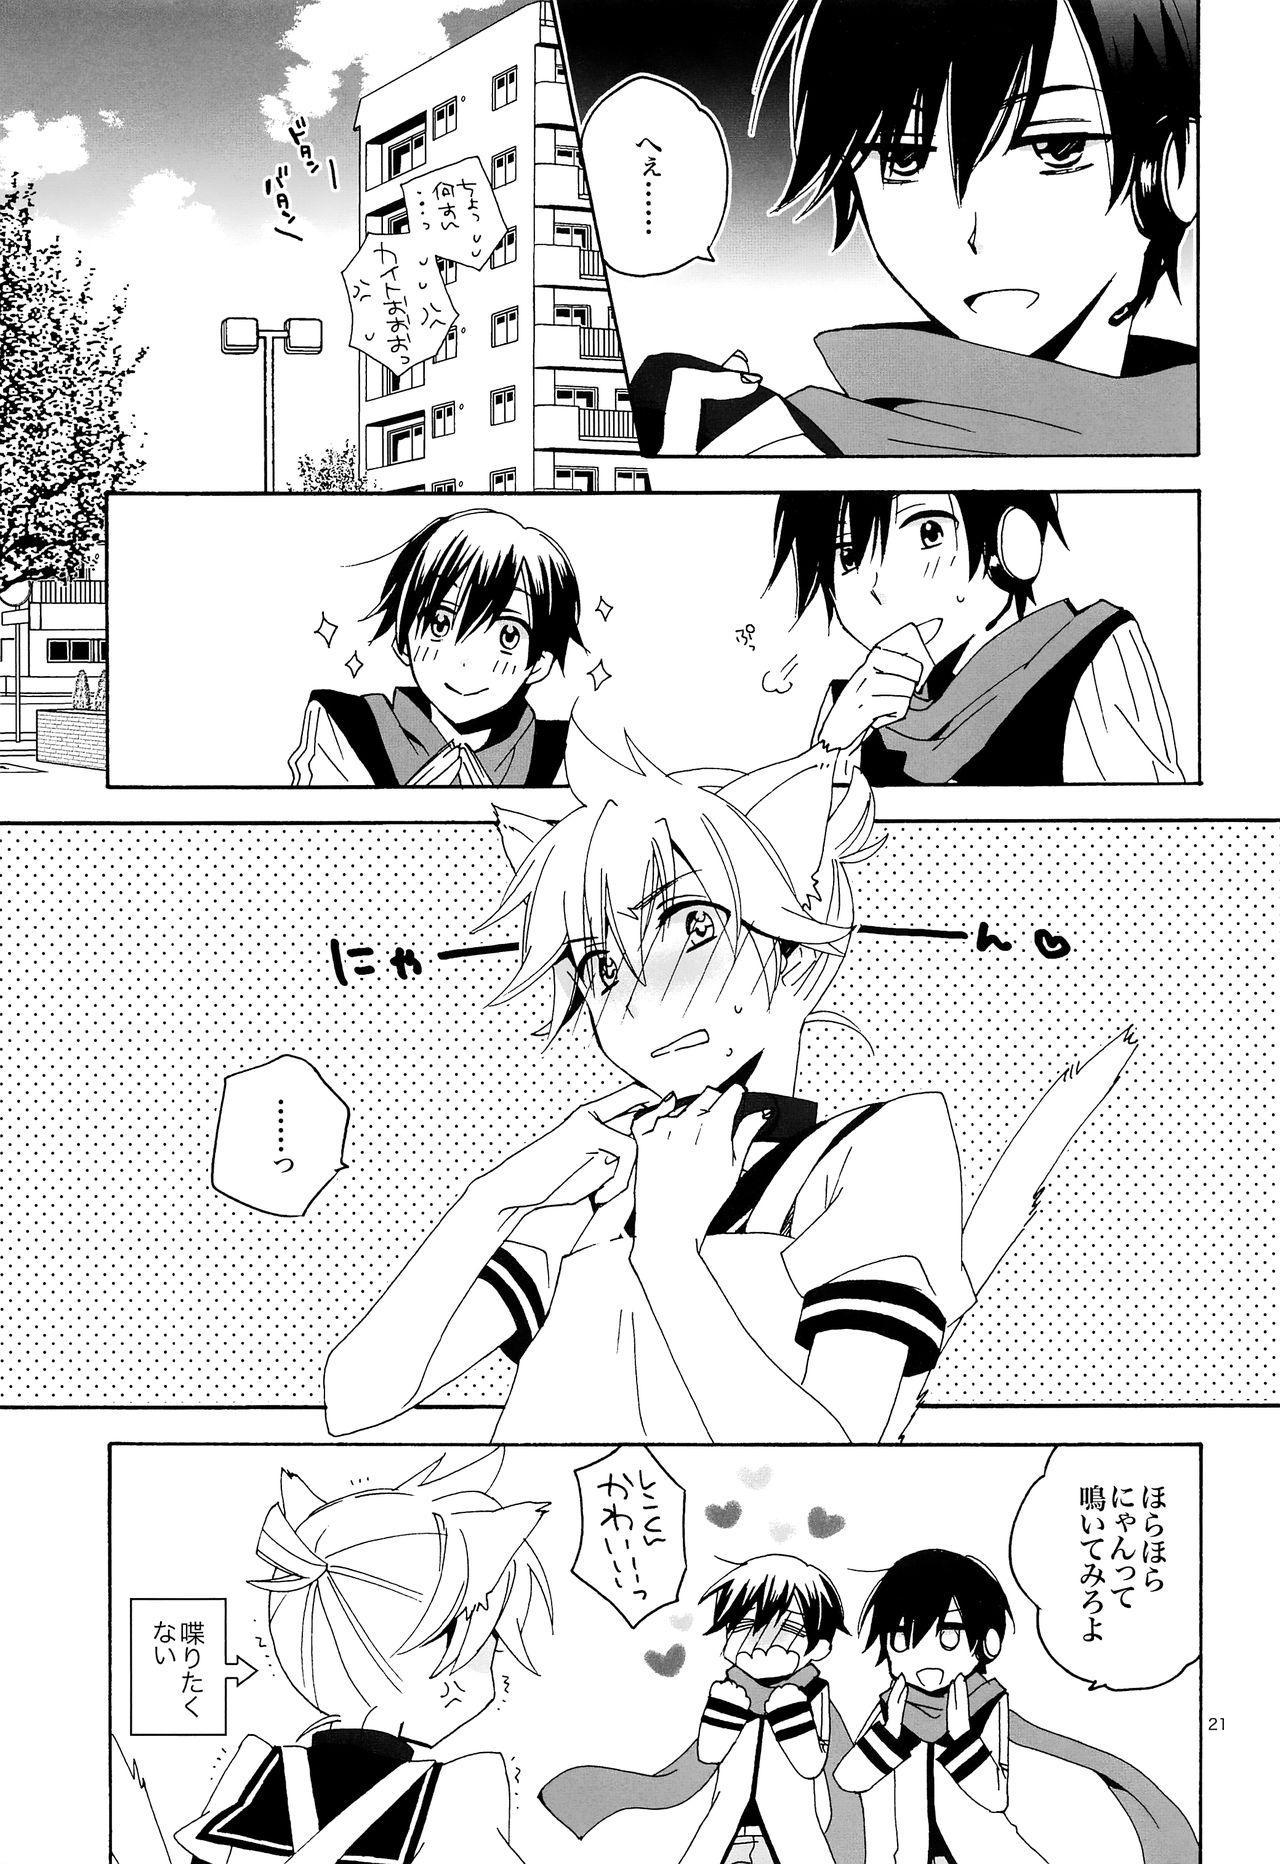 Ichinichi Wanko! Taikenban 21